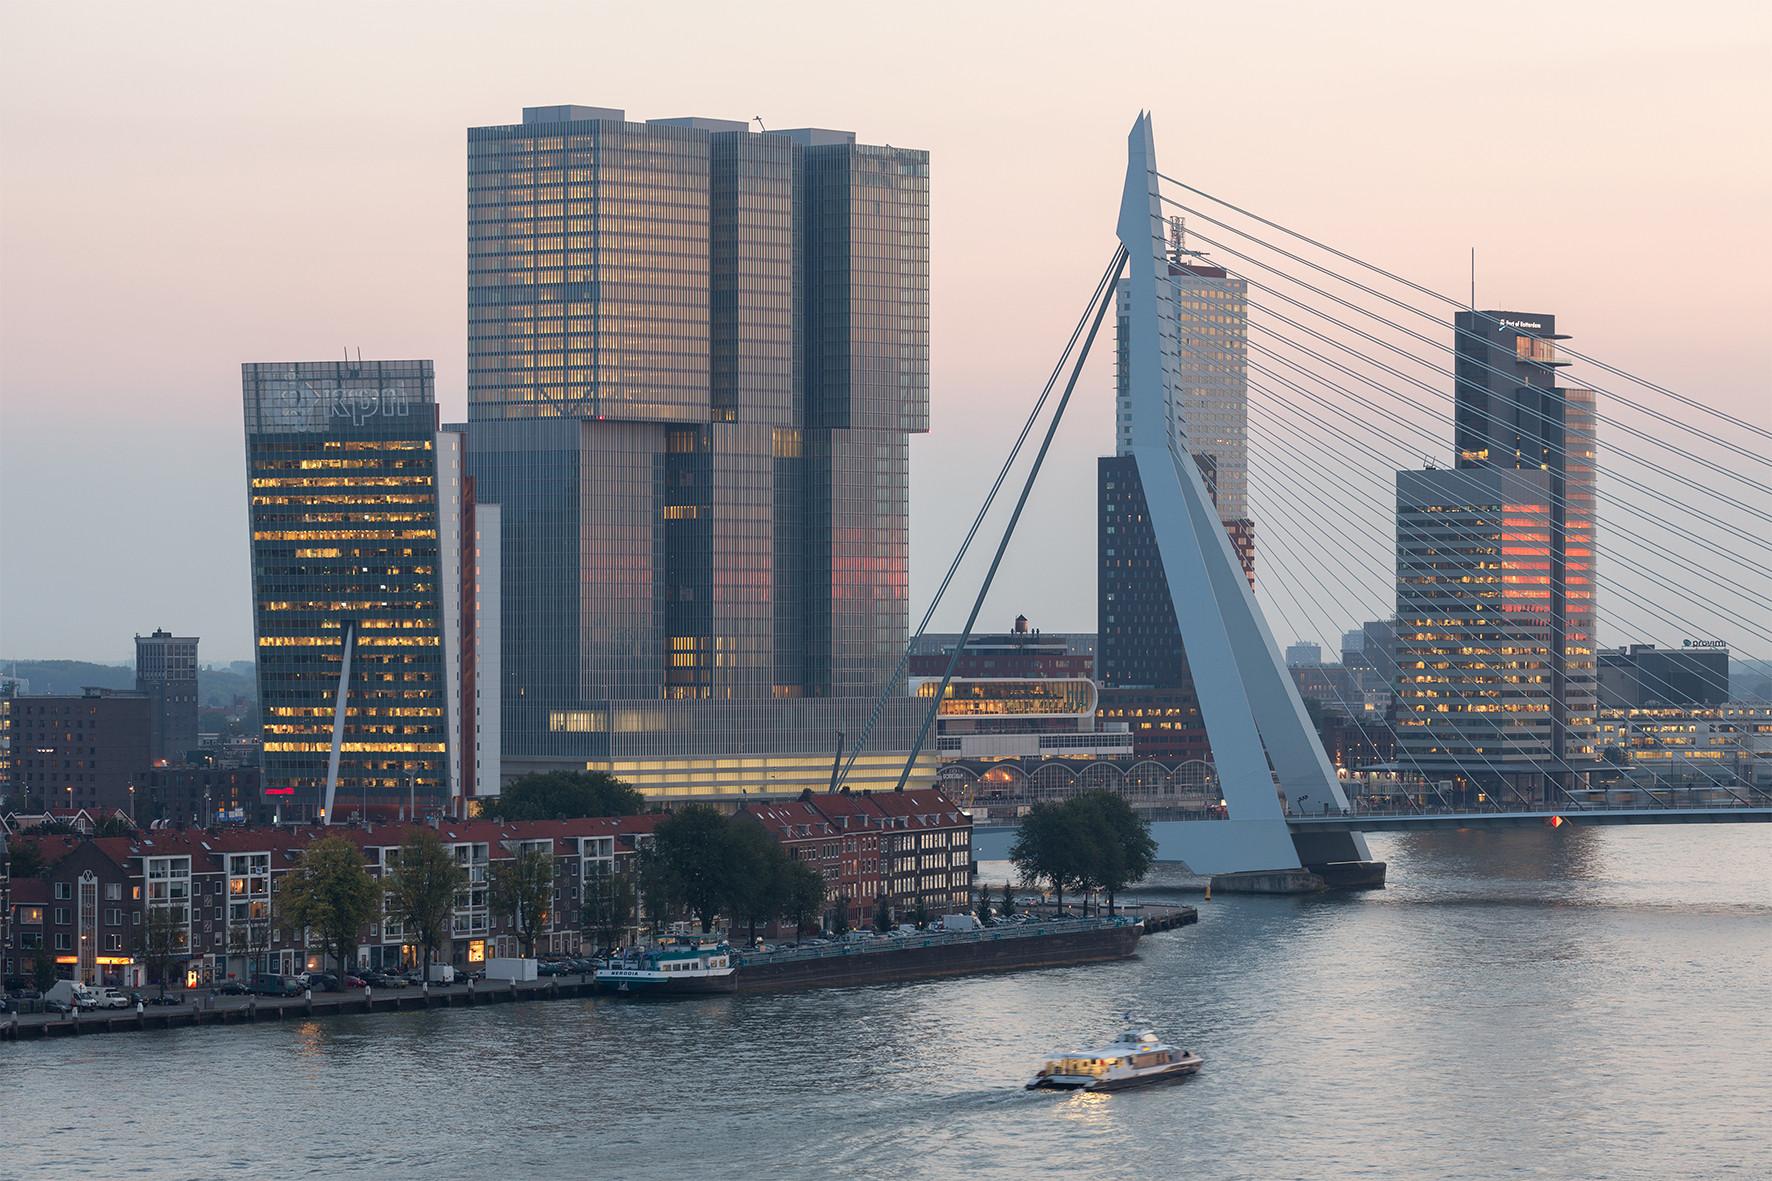 De Rotterdam. Image © Ossip van Duivenbode